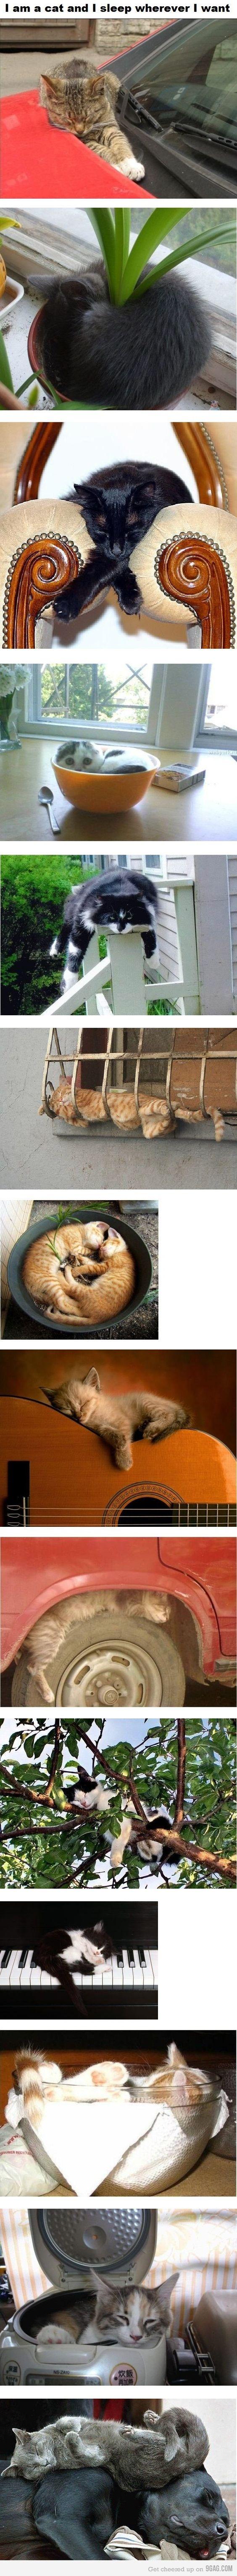 I am a cat and i sleep wherever I want!